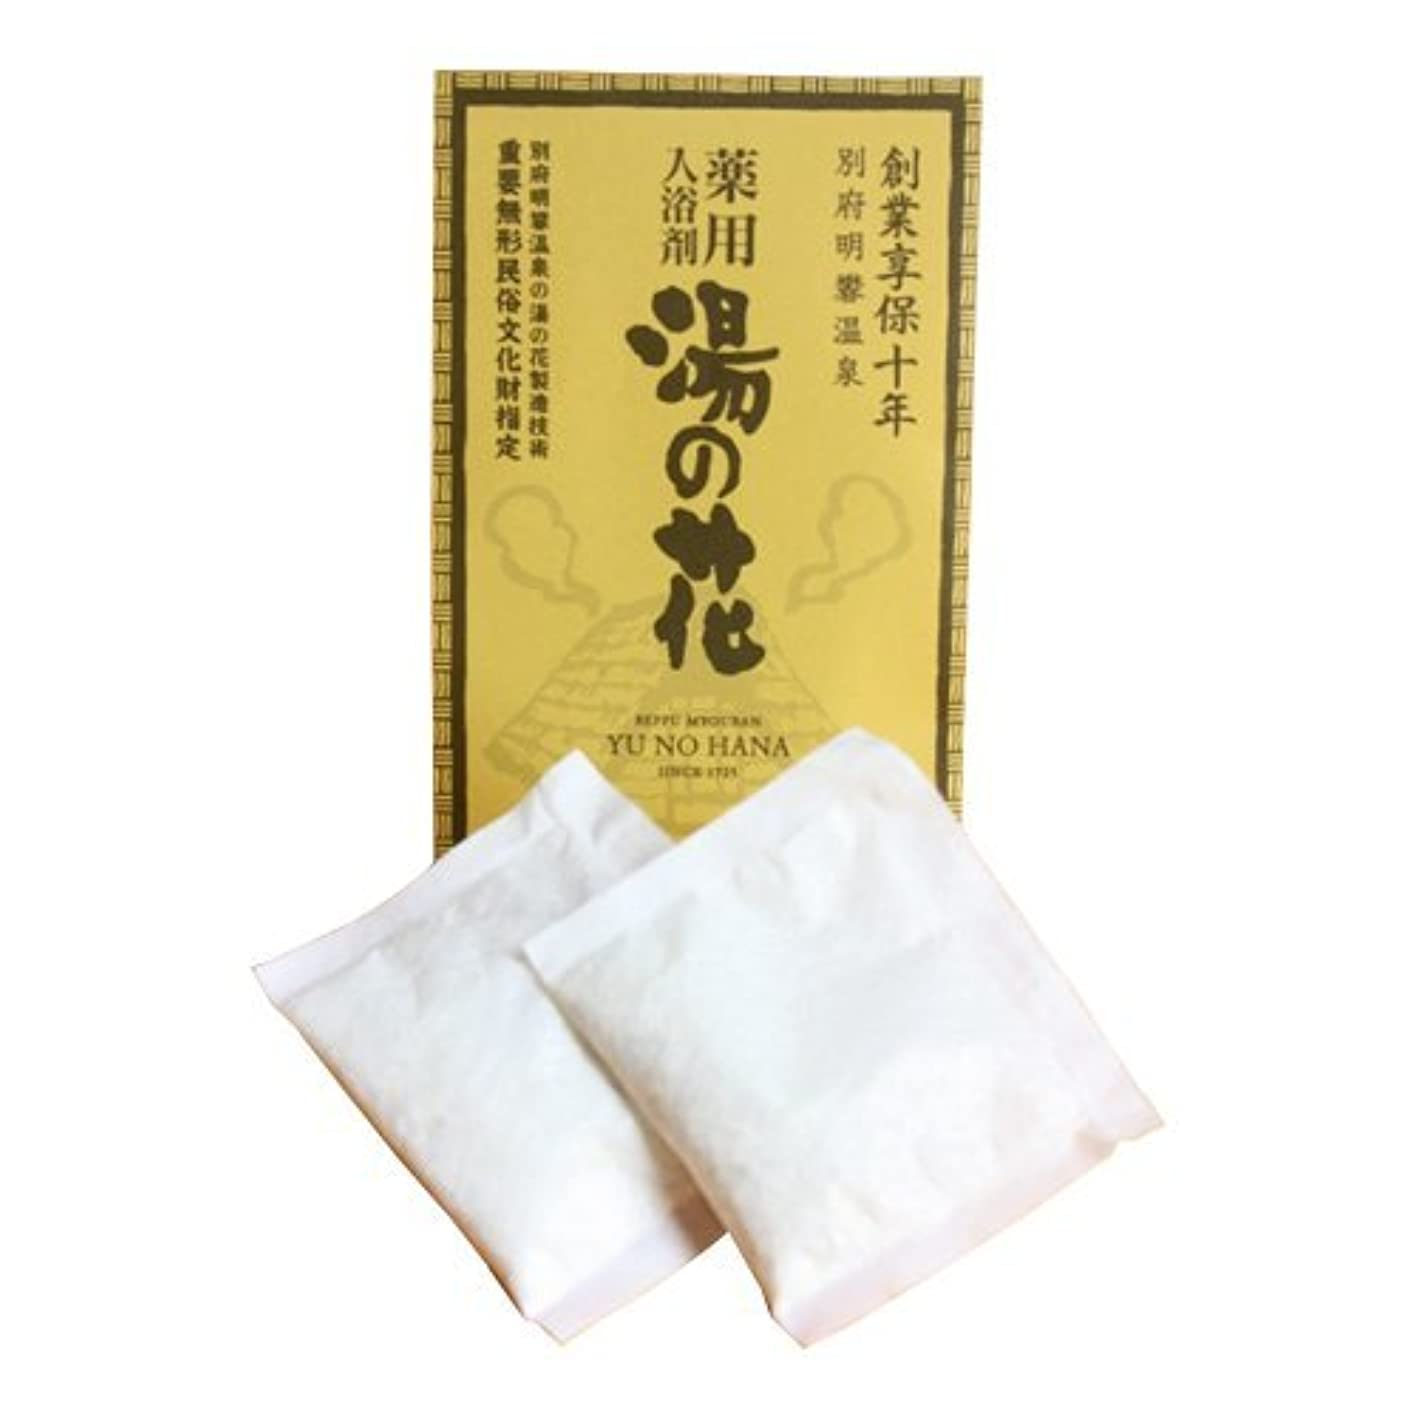 横にレーザ排出明礬(みょうばん)温泉 薬用湯の花 2回分